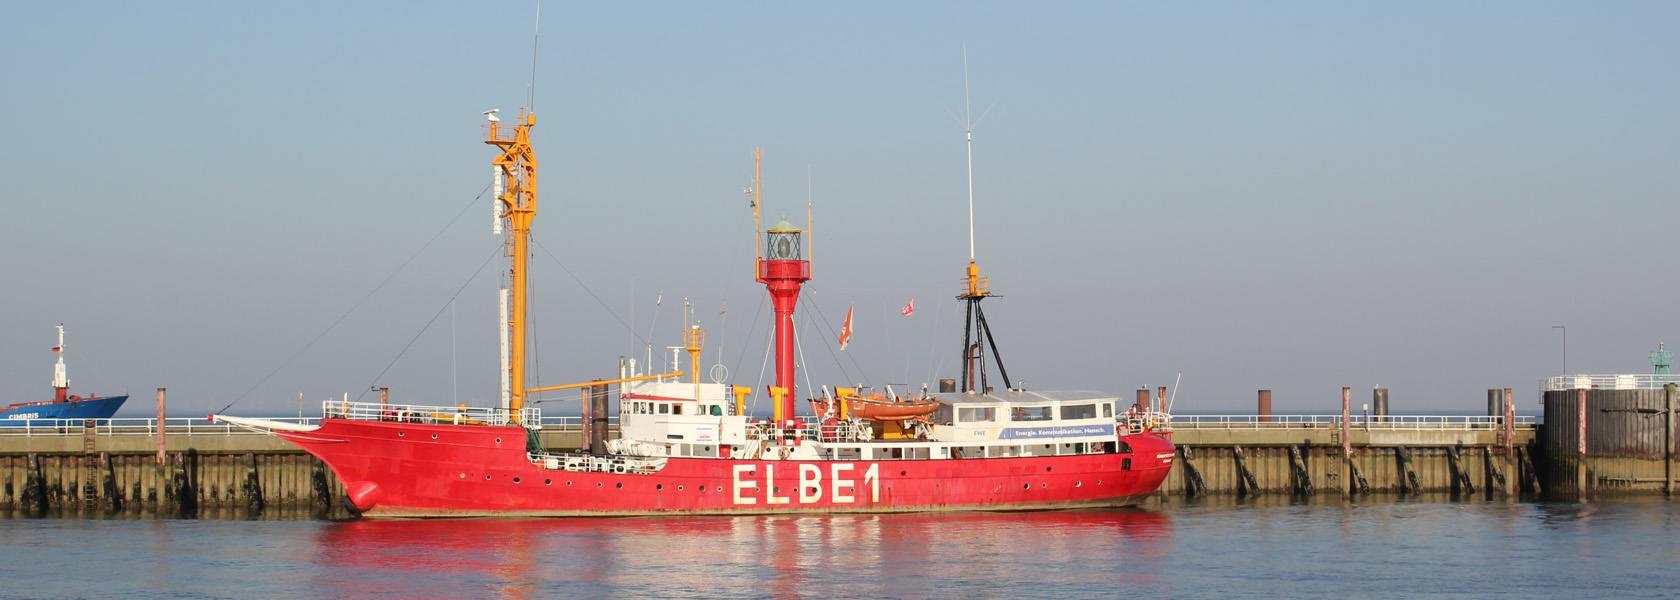 Feuerschiff Elbe 1, © Die Nordsee GmbH, Katja Benke